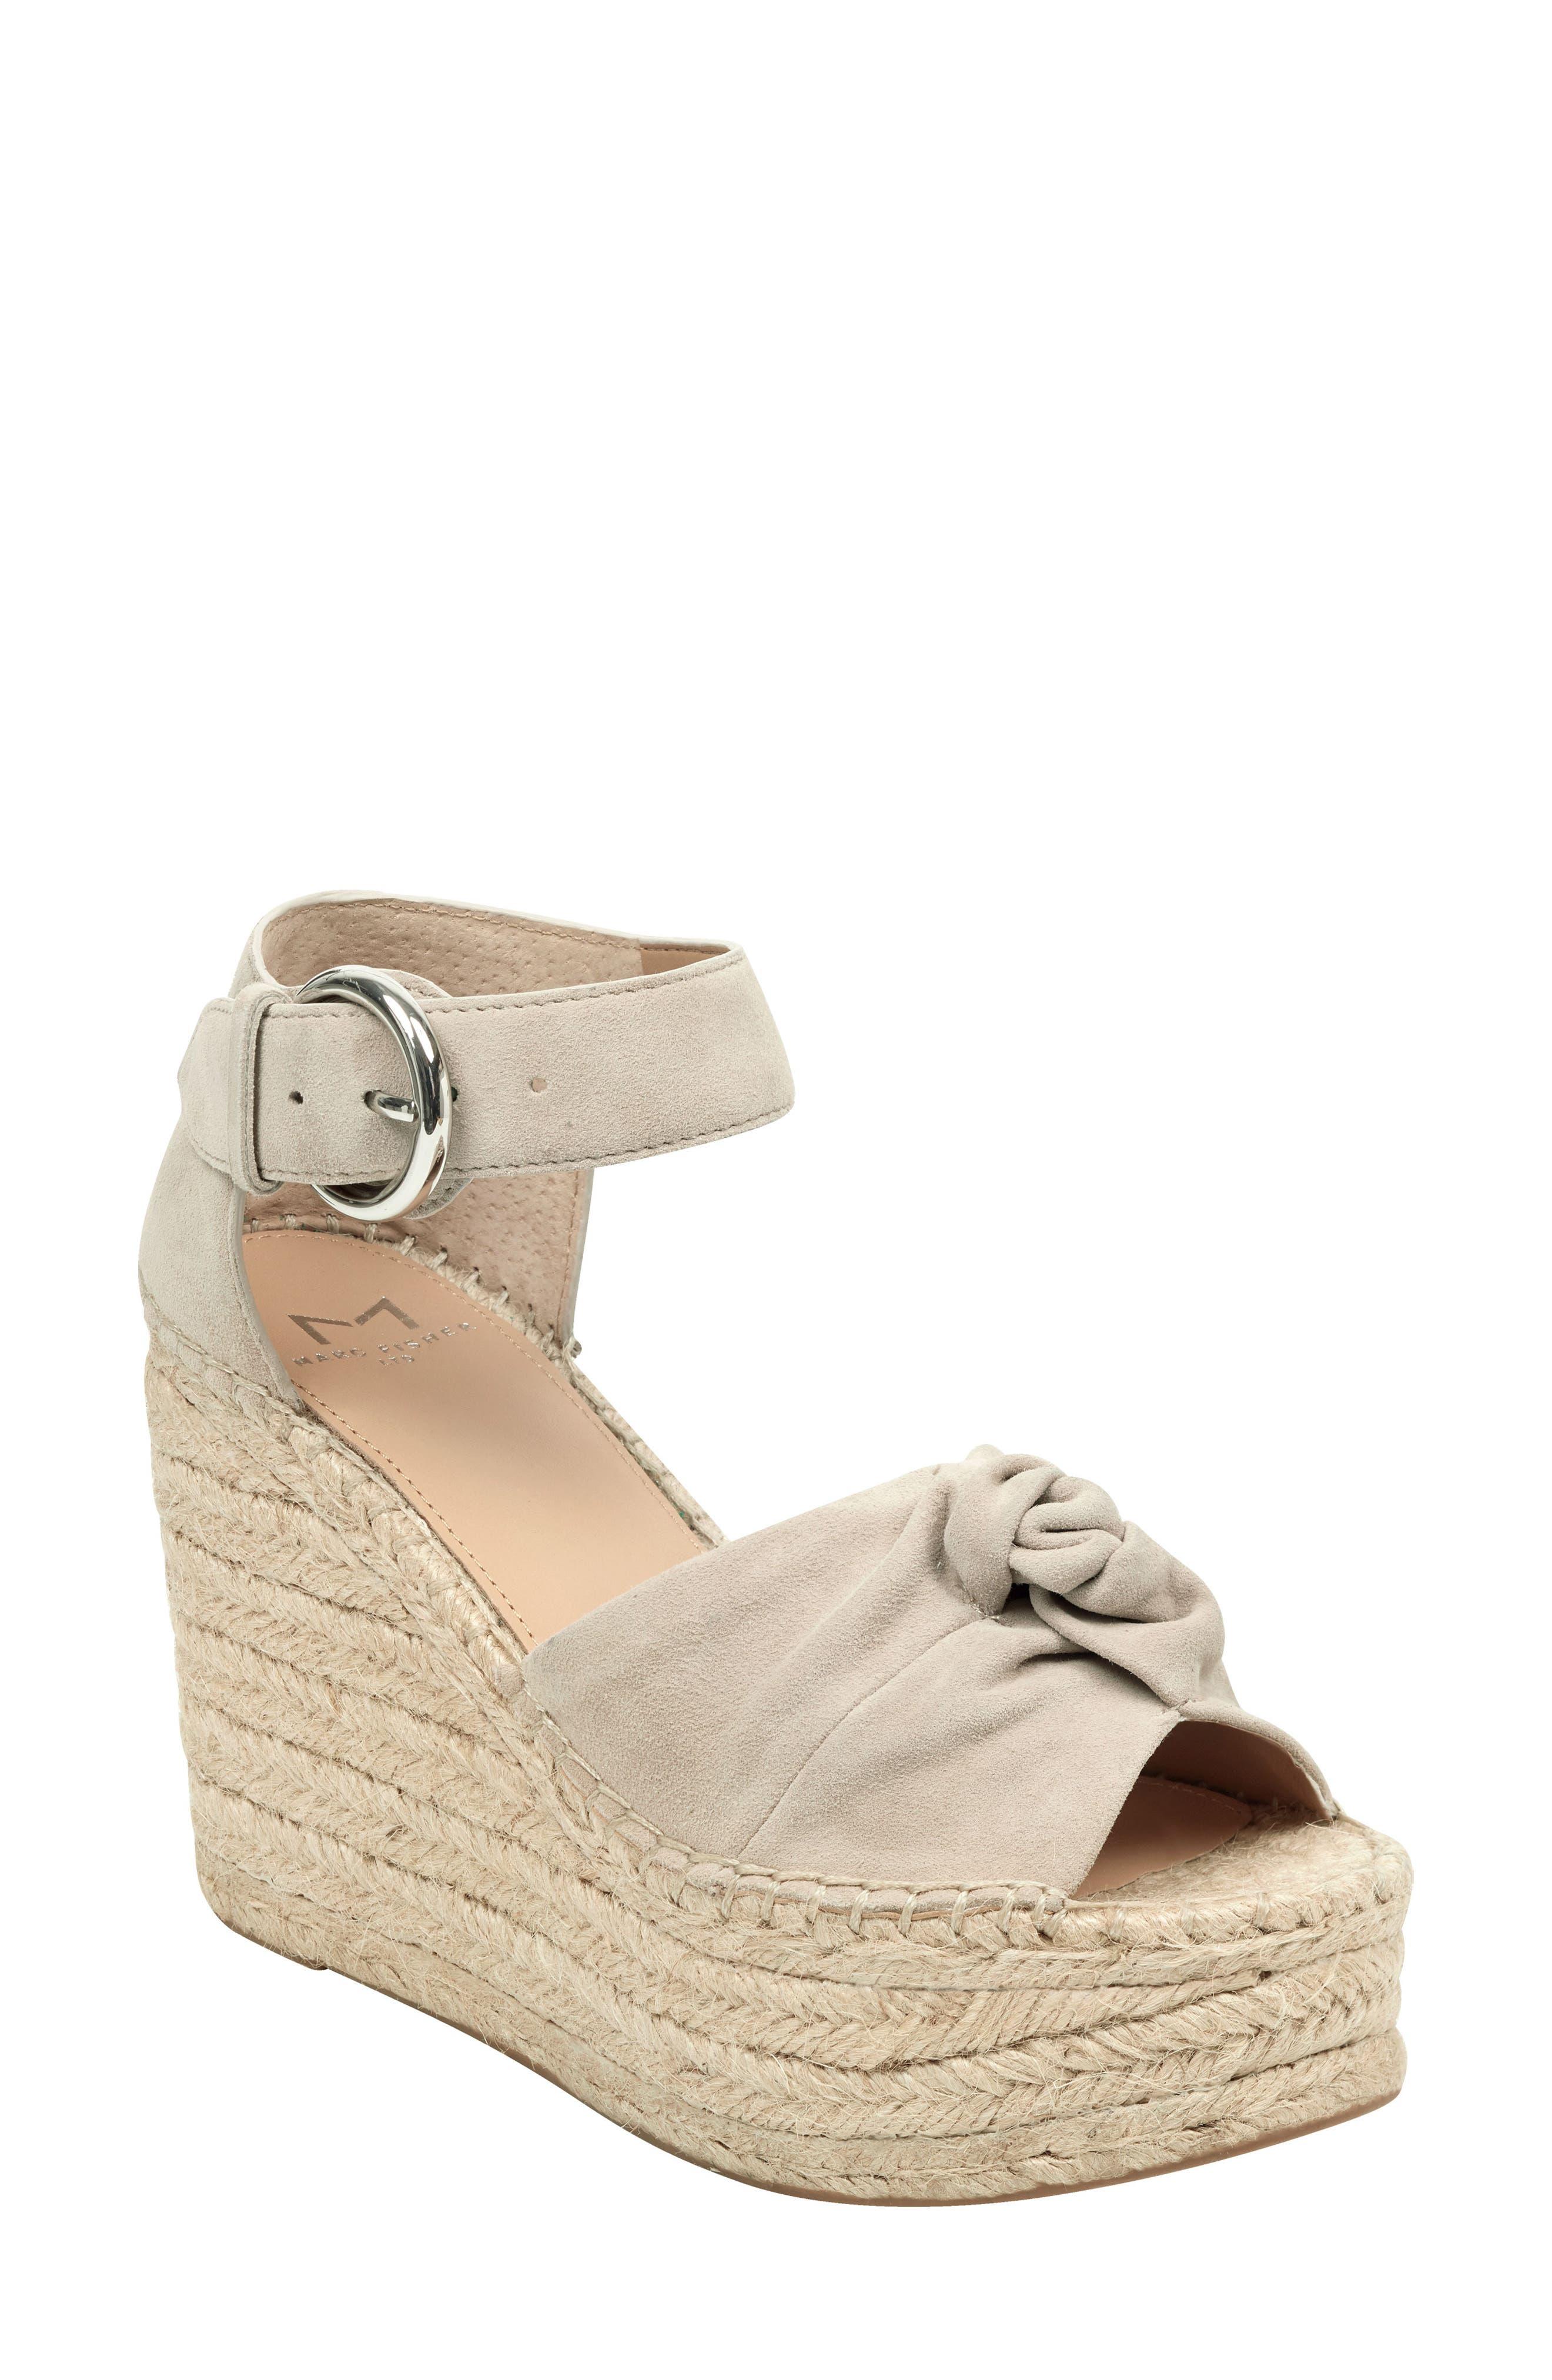 Marc Fisher Ltd Anty Platform Espadrille Sandal, Beige